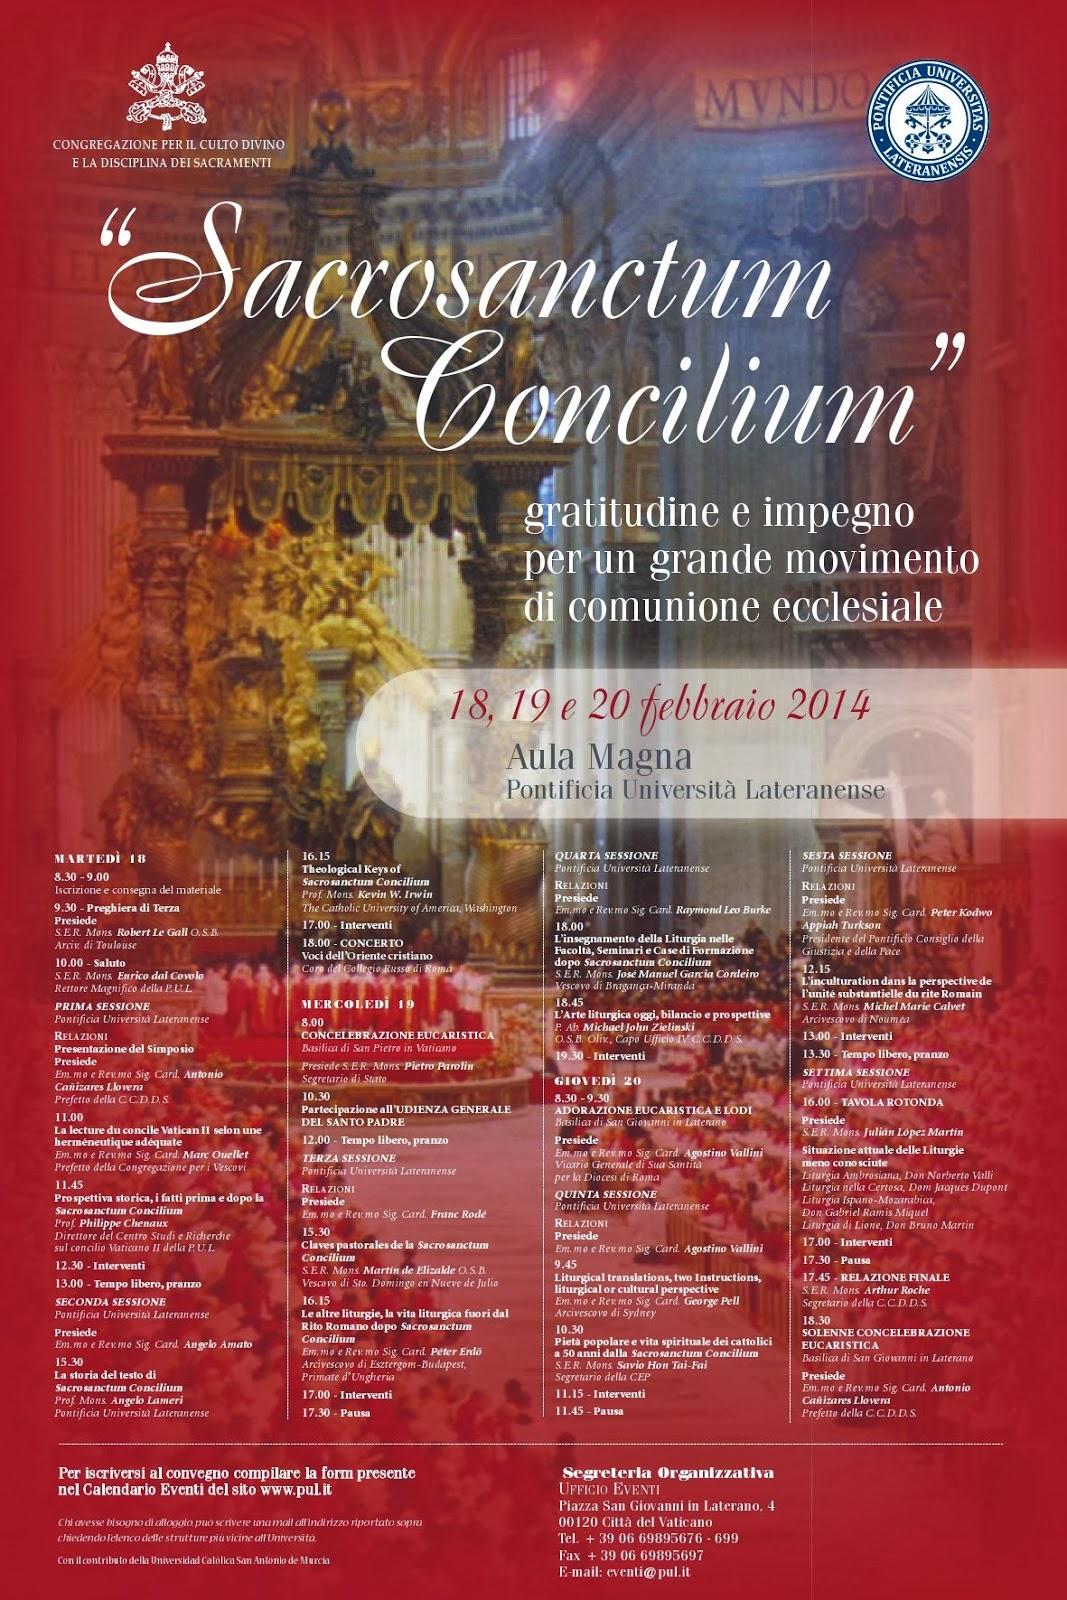 sacrosanctum concilium testo latino dating